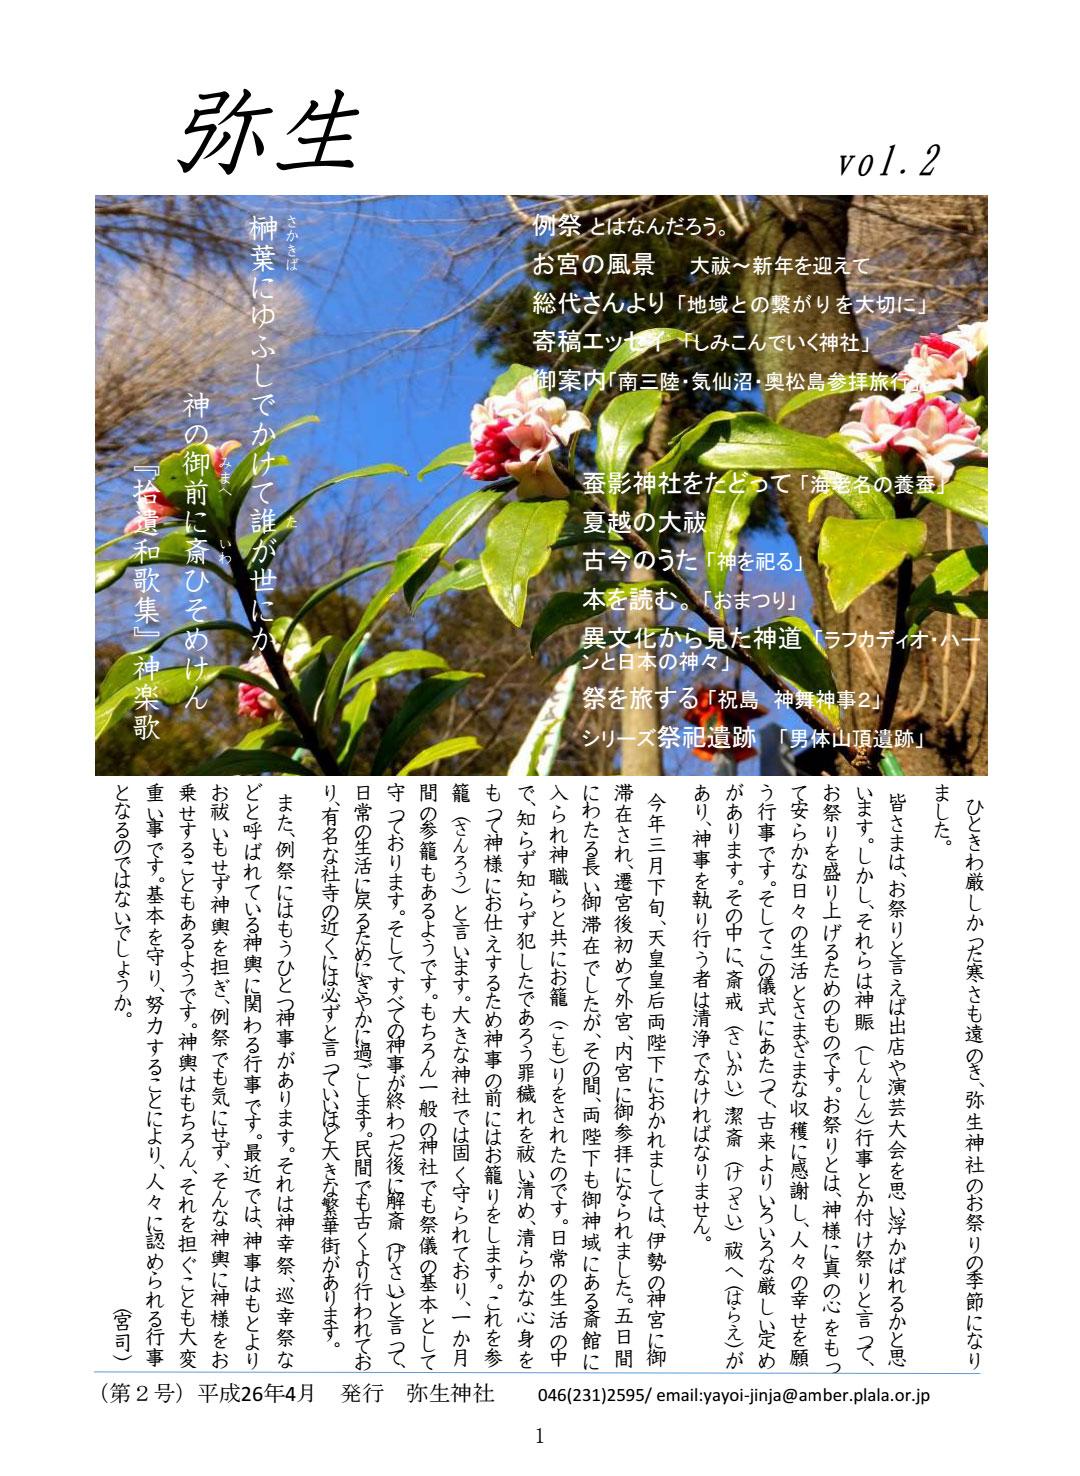 社報「弥生」vol.2